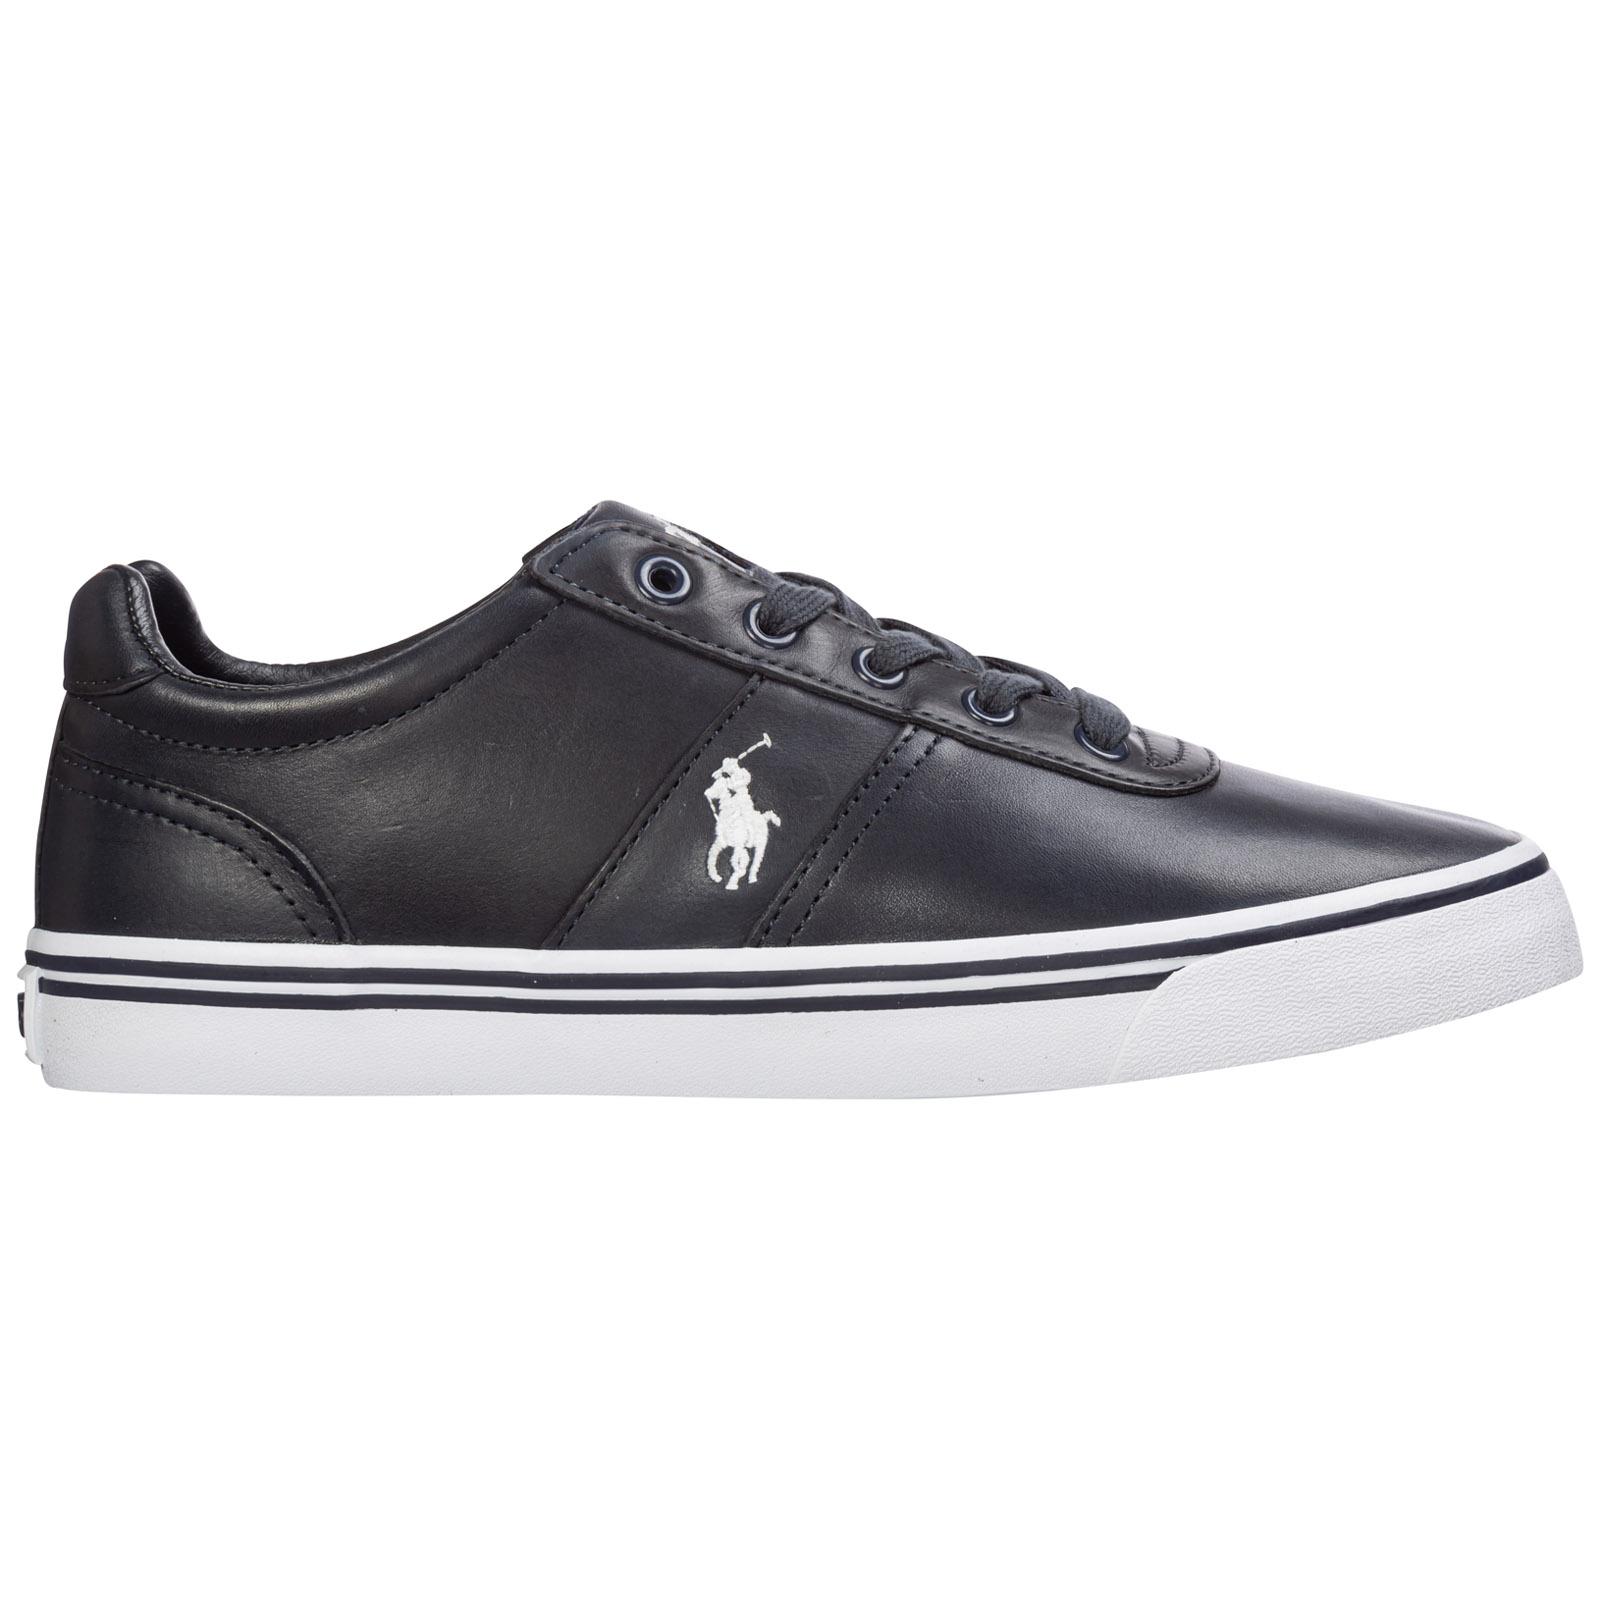 Sneakers Ralph Lauren hanford